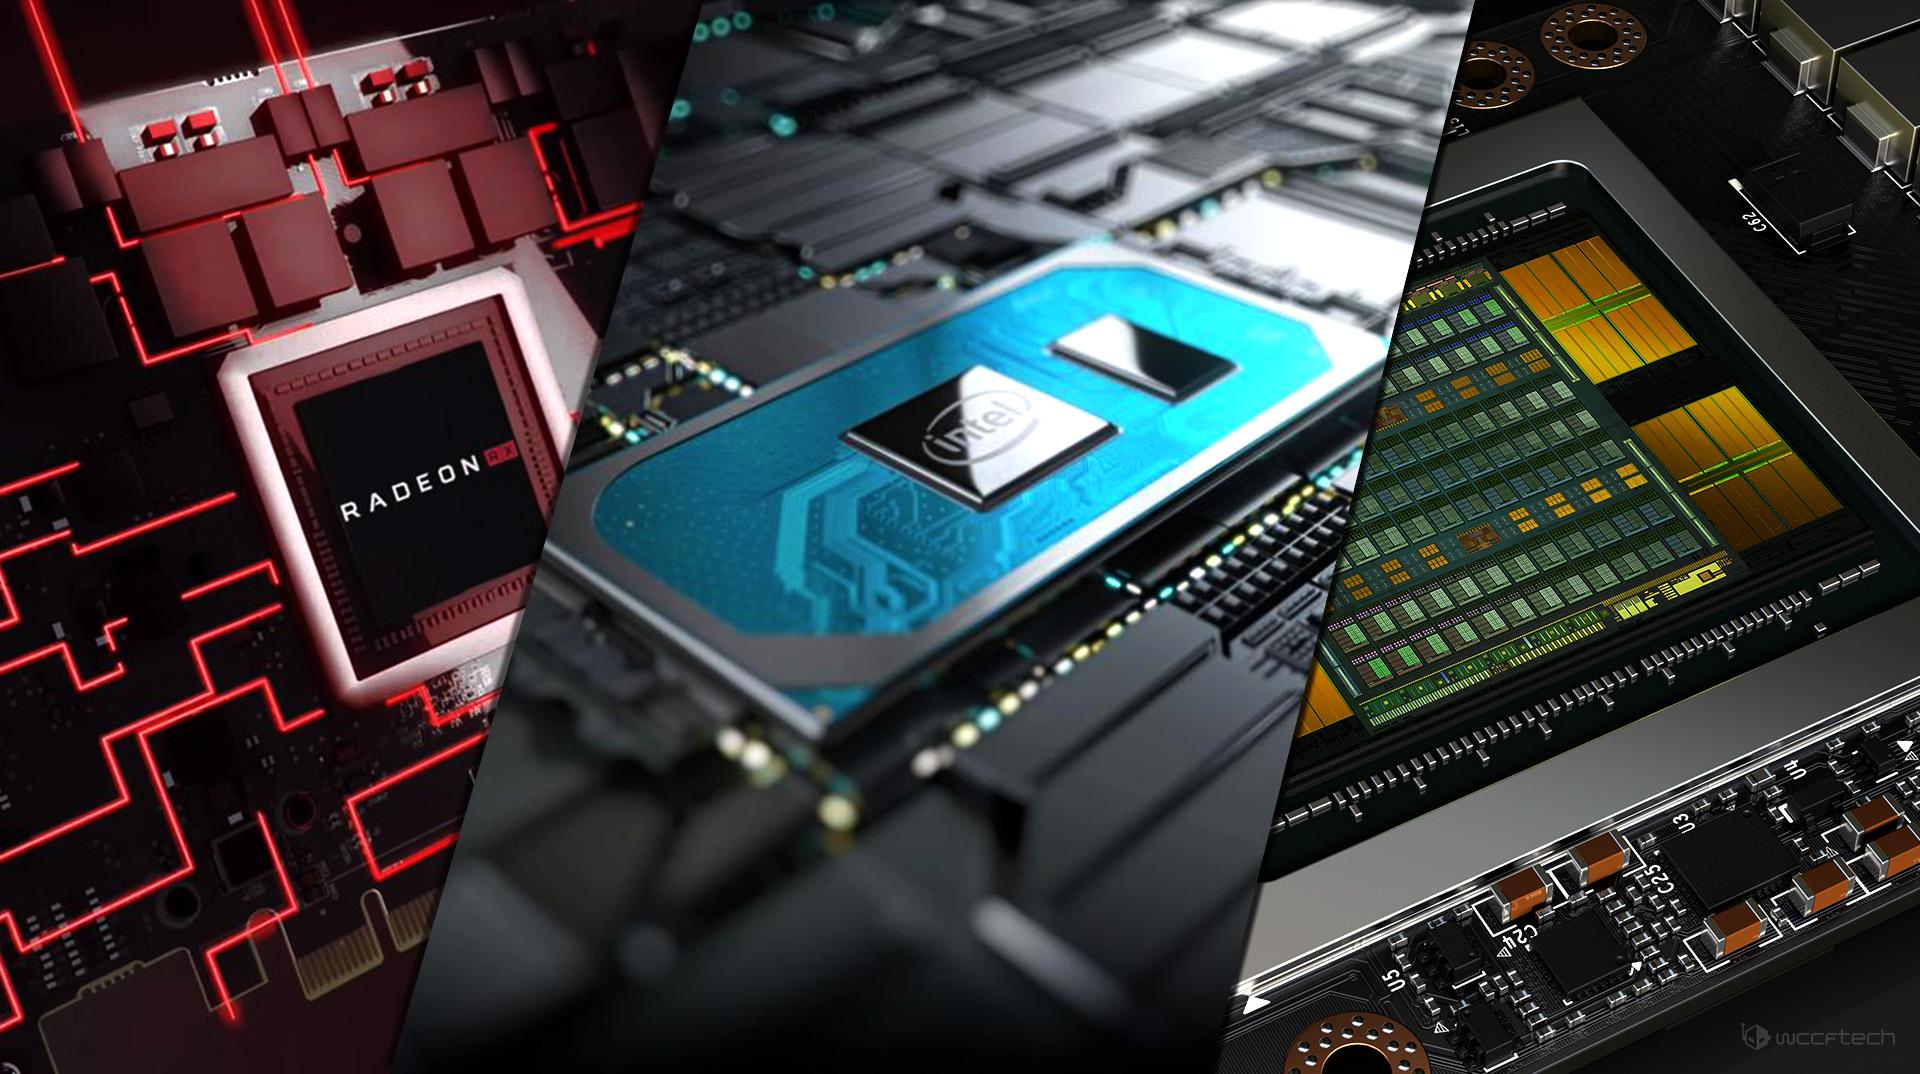 افزایش سهم کارت های گرافیکی انویدیا نسبت به AMD در بازار فروش